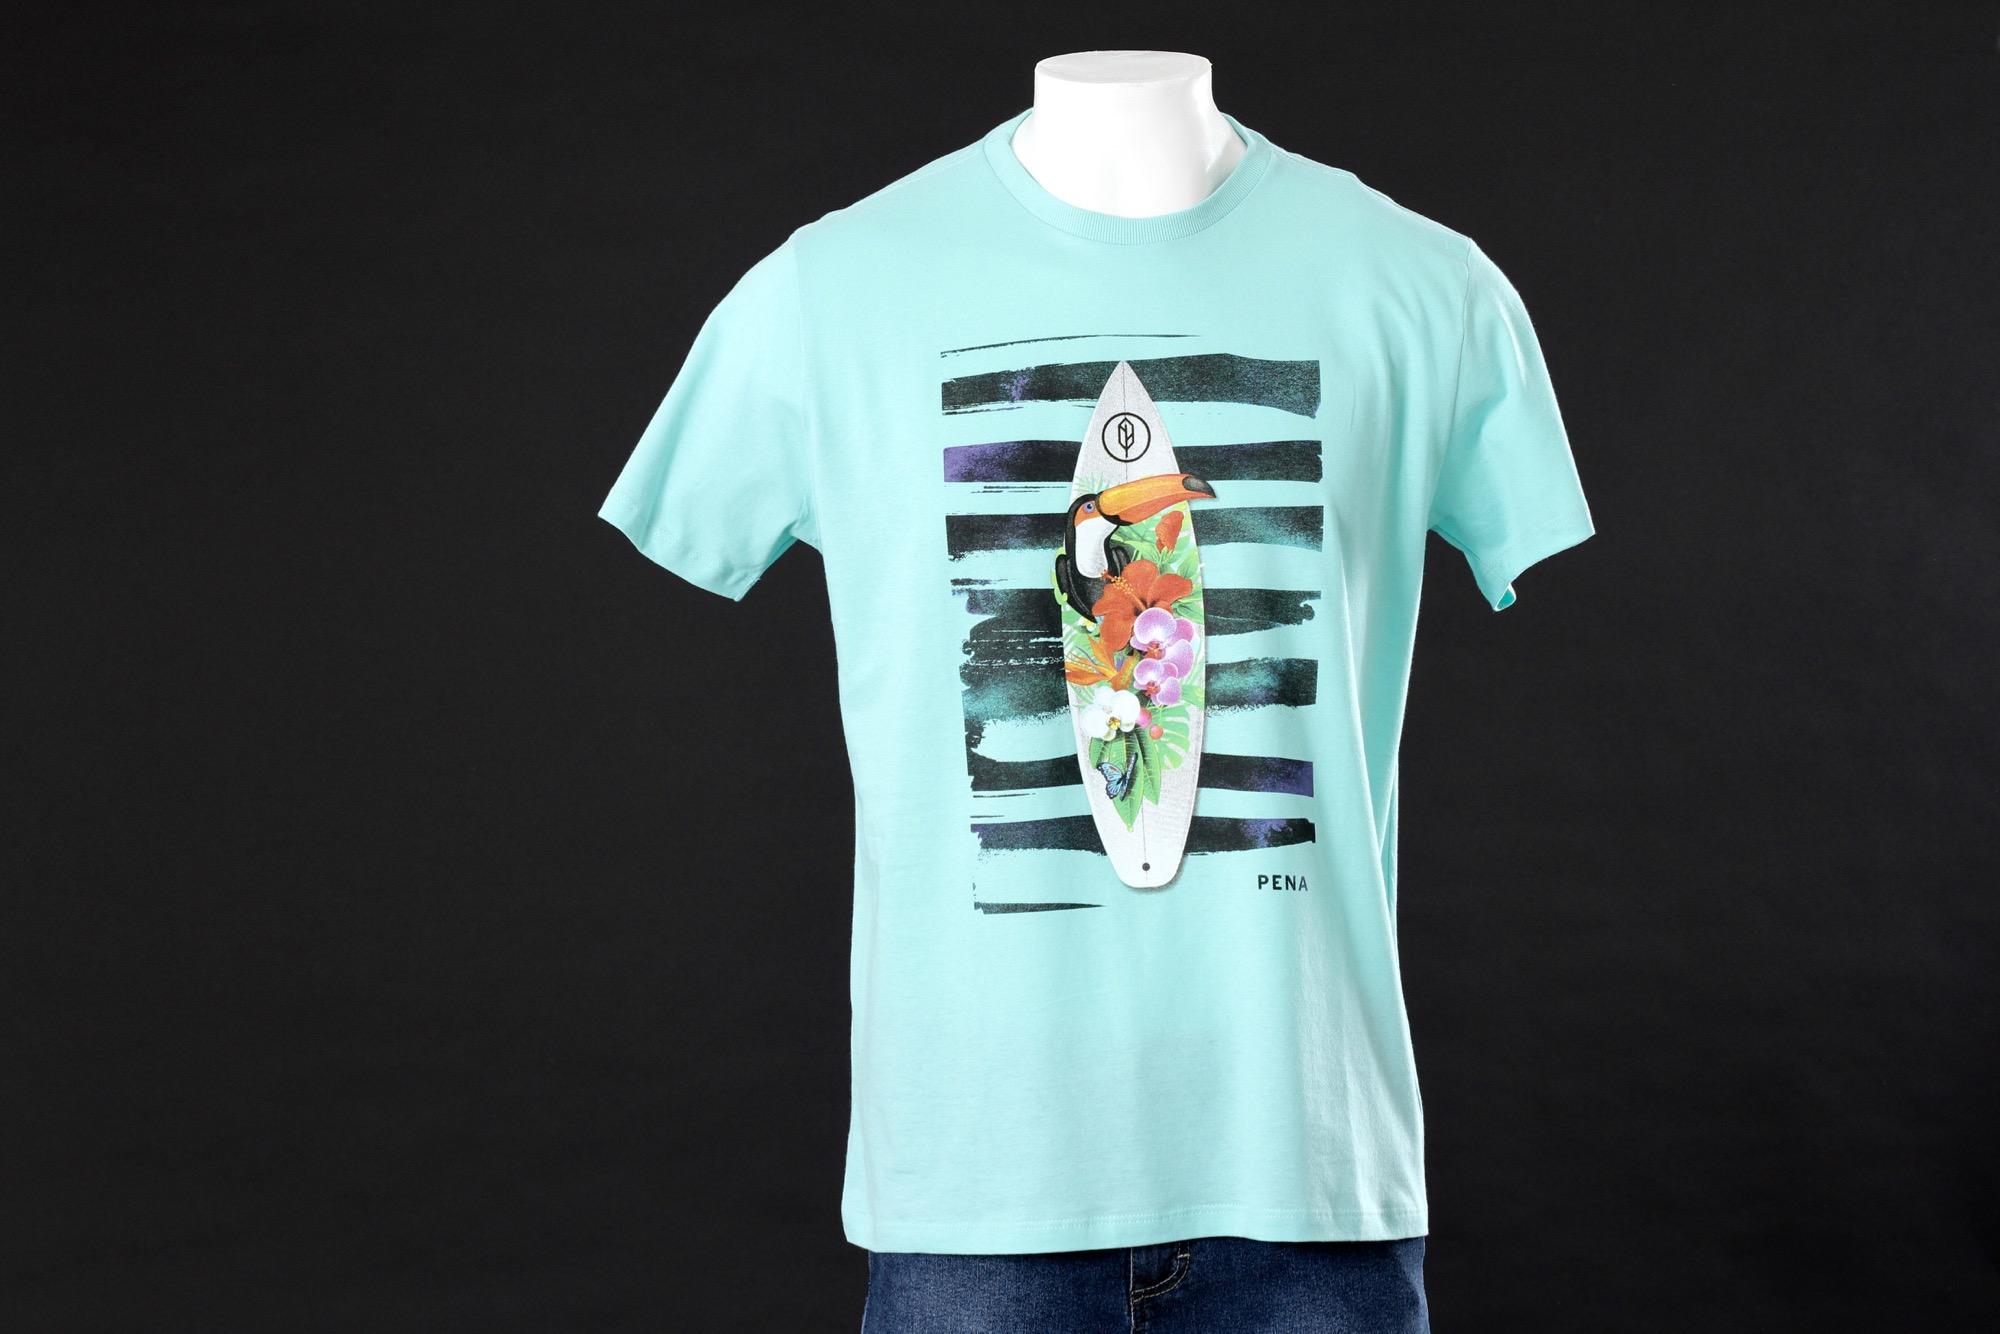 Camiseta Tropical Surf - Pena Store 86f5c57f37c